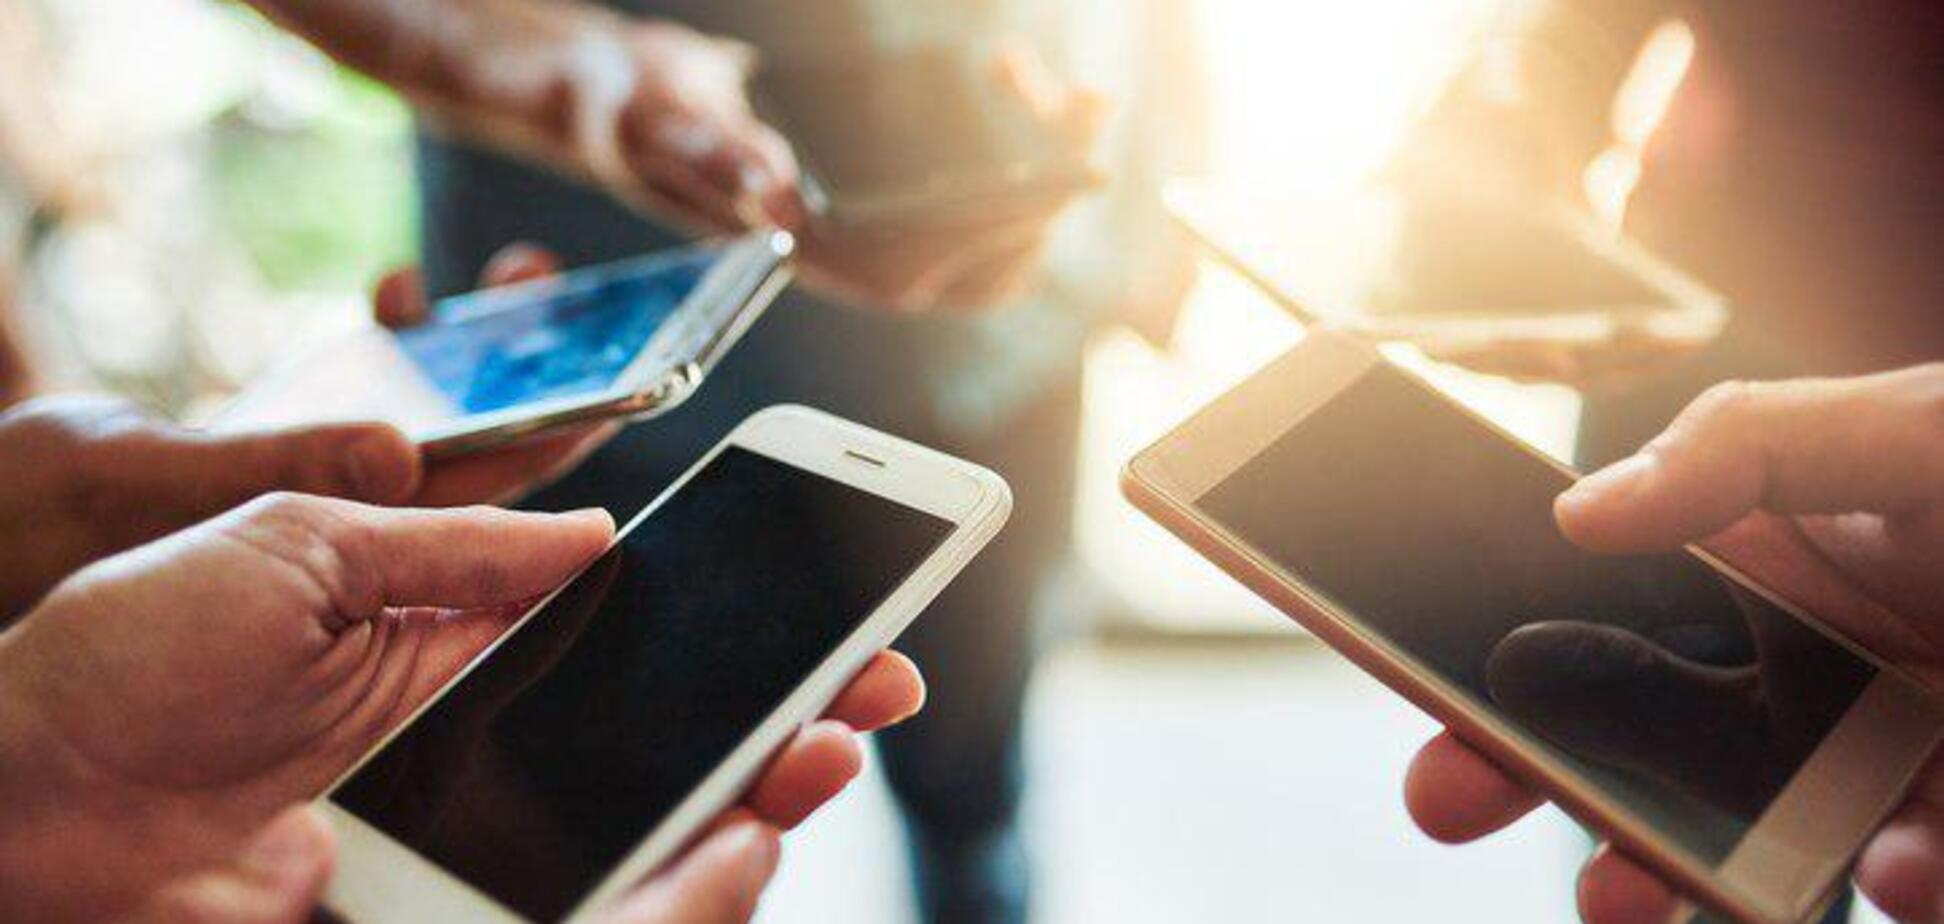 ''Явно схитрували'': мобільні оператори придумали, як збагатитися на українцях